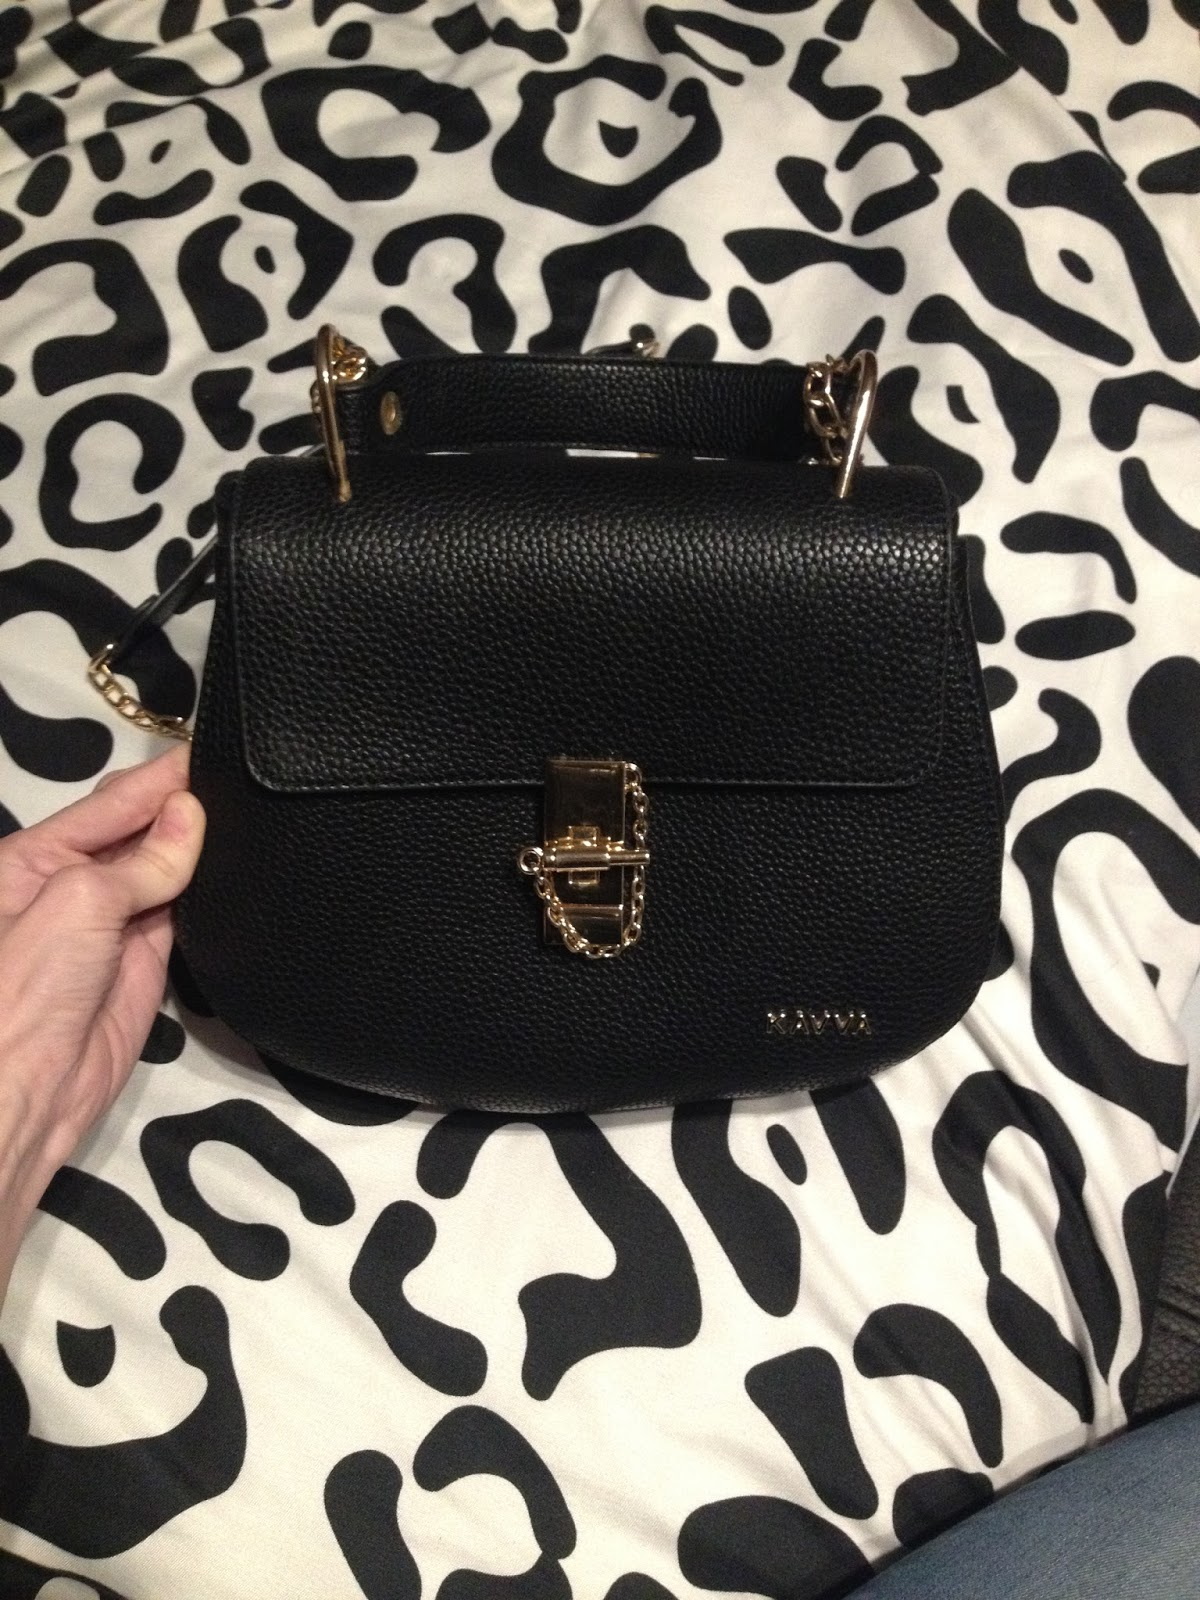 21265aebd5568 Już chyba klasyk we wszystkich torebkach znany model shopper bag jak np.michael  kors które kosztuja w granicach tysiaca sześciuset złotych.